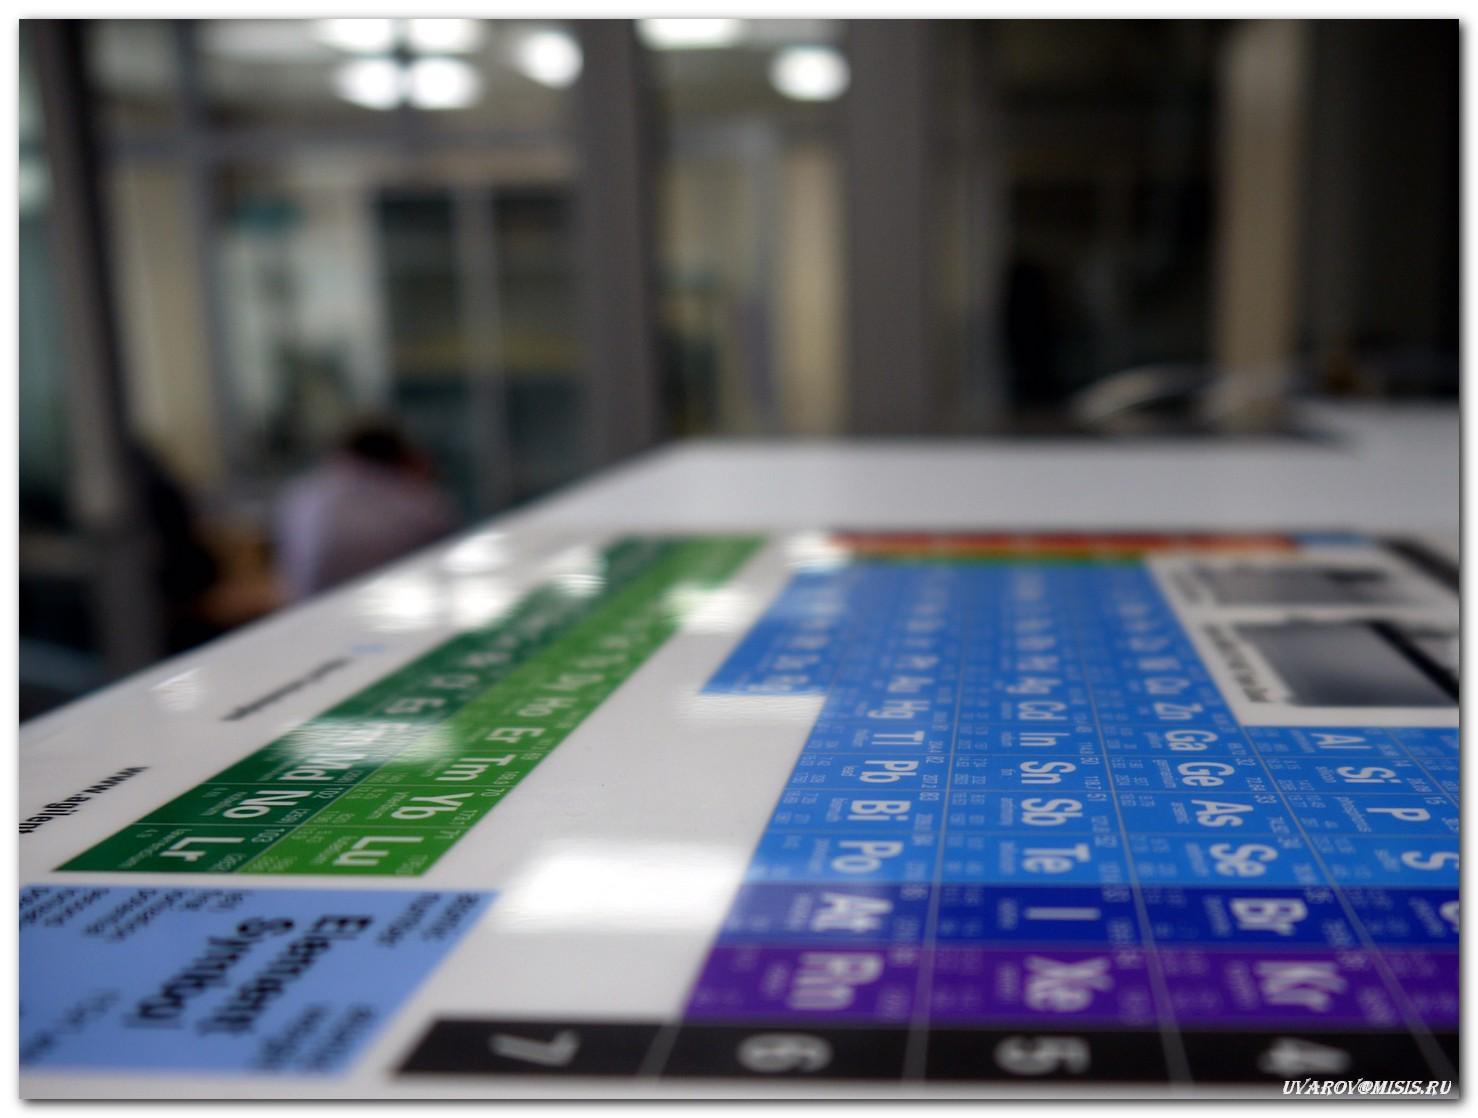 Лаборатории НИТУ «МИСиС»: от разделения наночастиц магнетита до создания квантового компьютера - 10